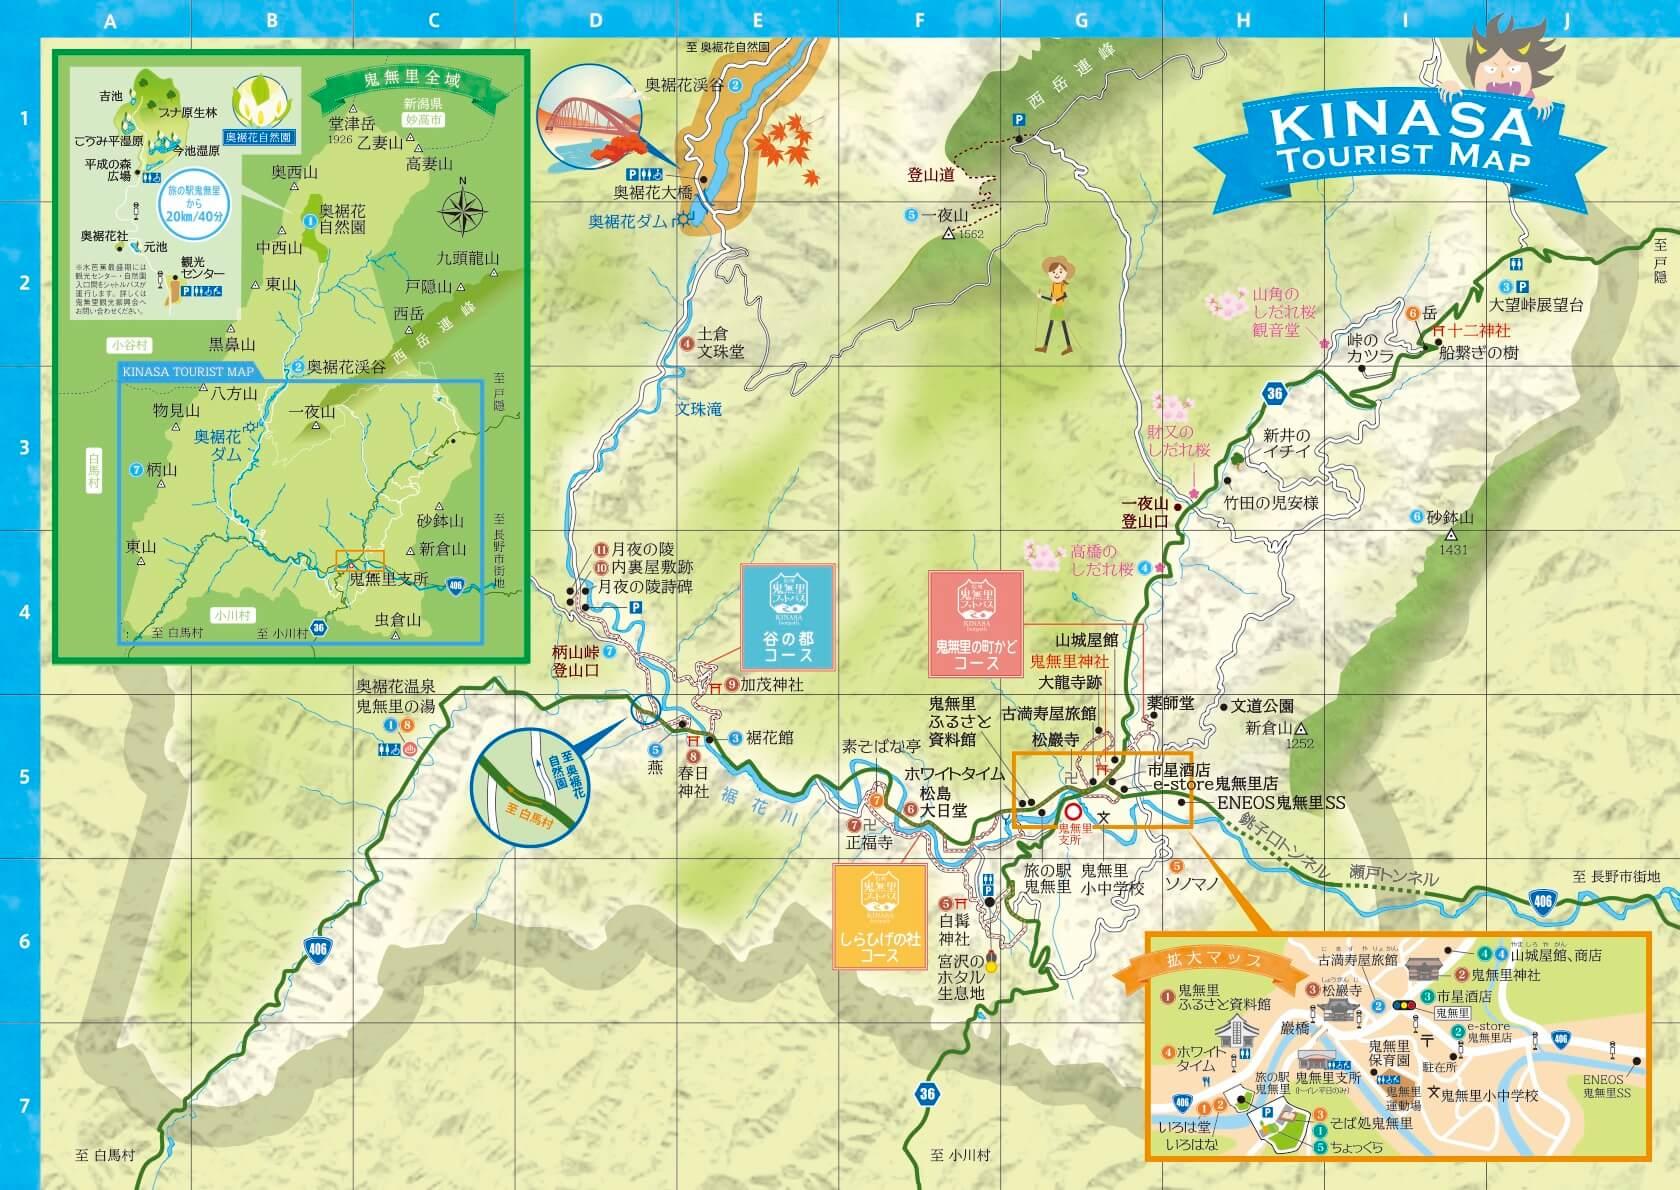 kinasa_sasshi_fix_200313-10_c